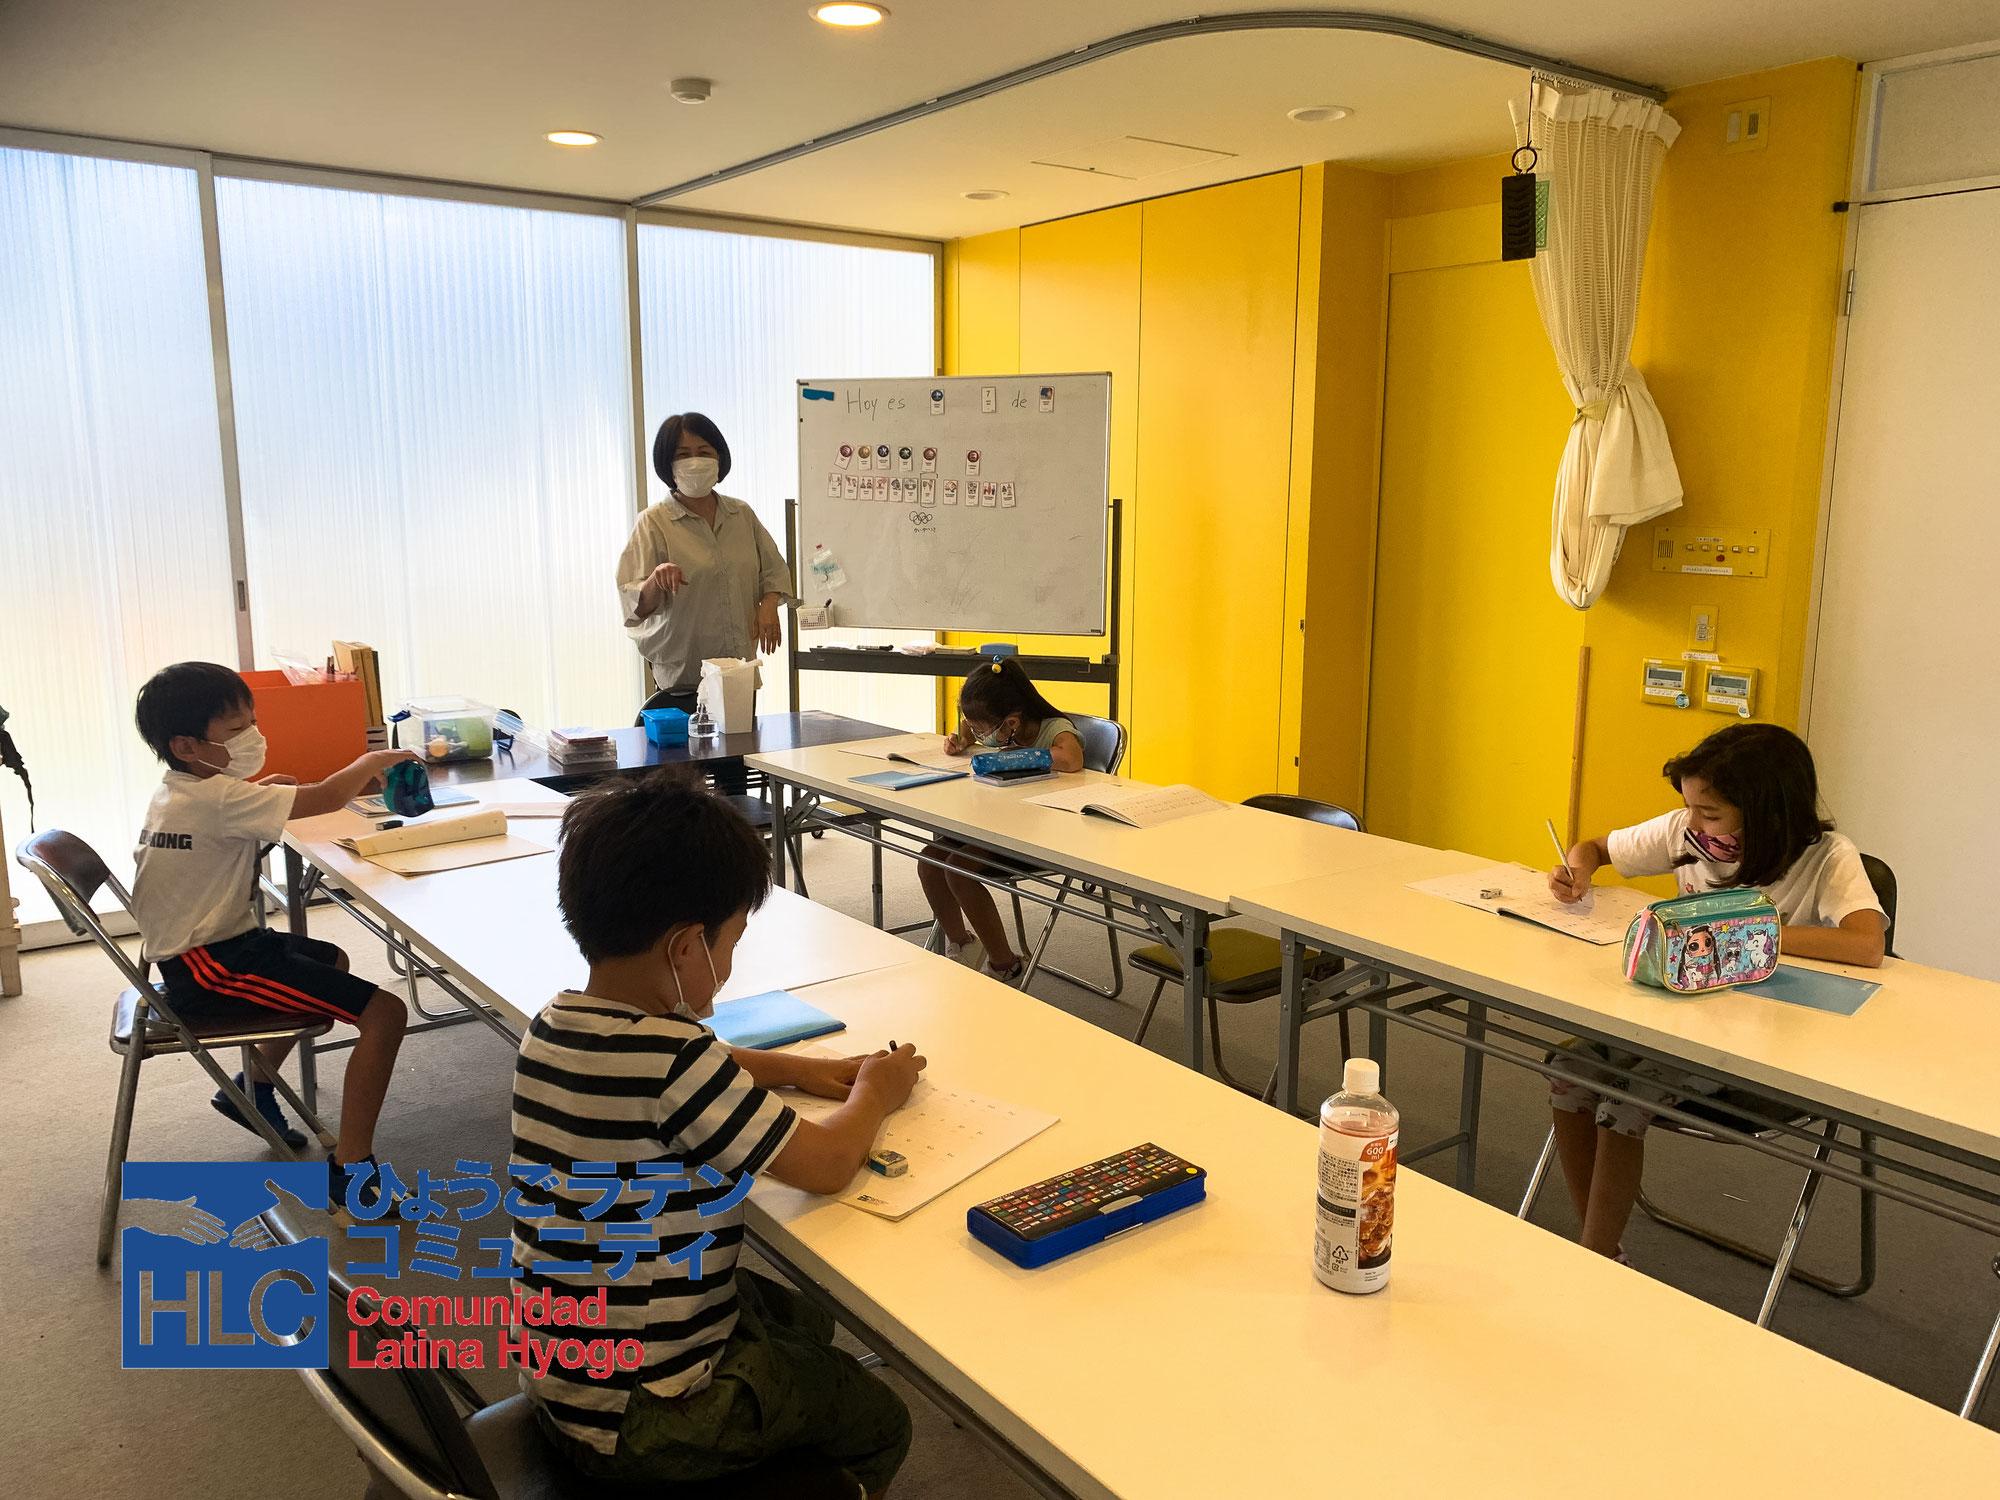 ◆◆母語教室 Amigos sin Fronteras 8月7目の授業/ Taller de español, agosto 7◆◆